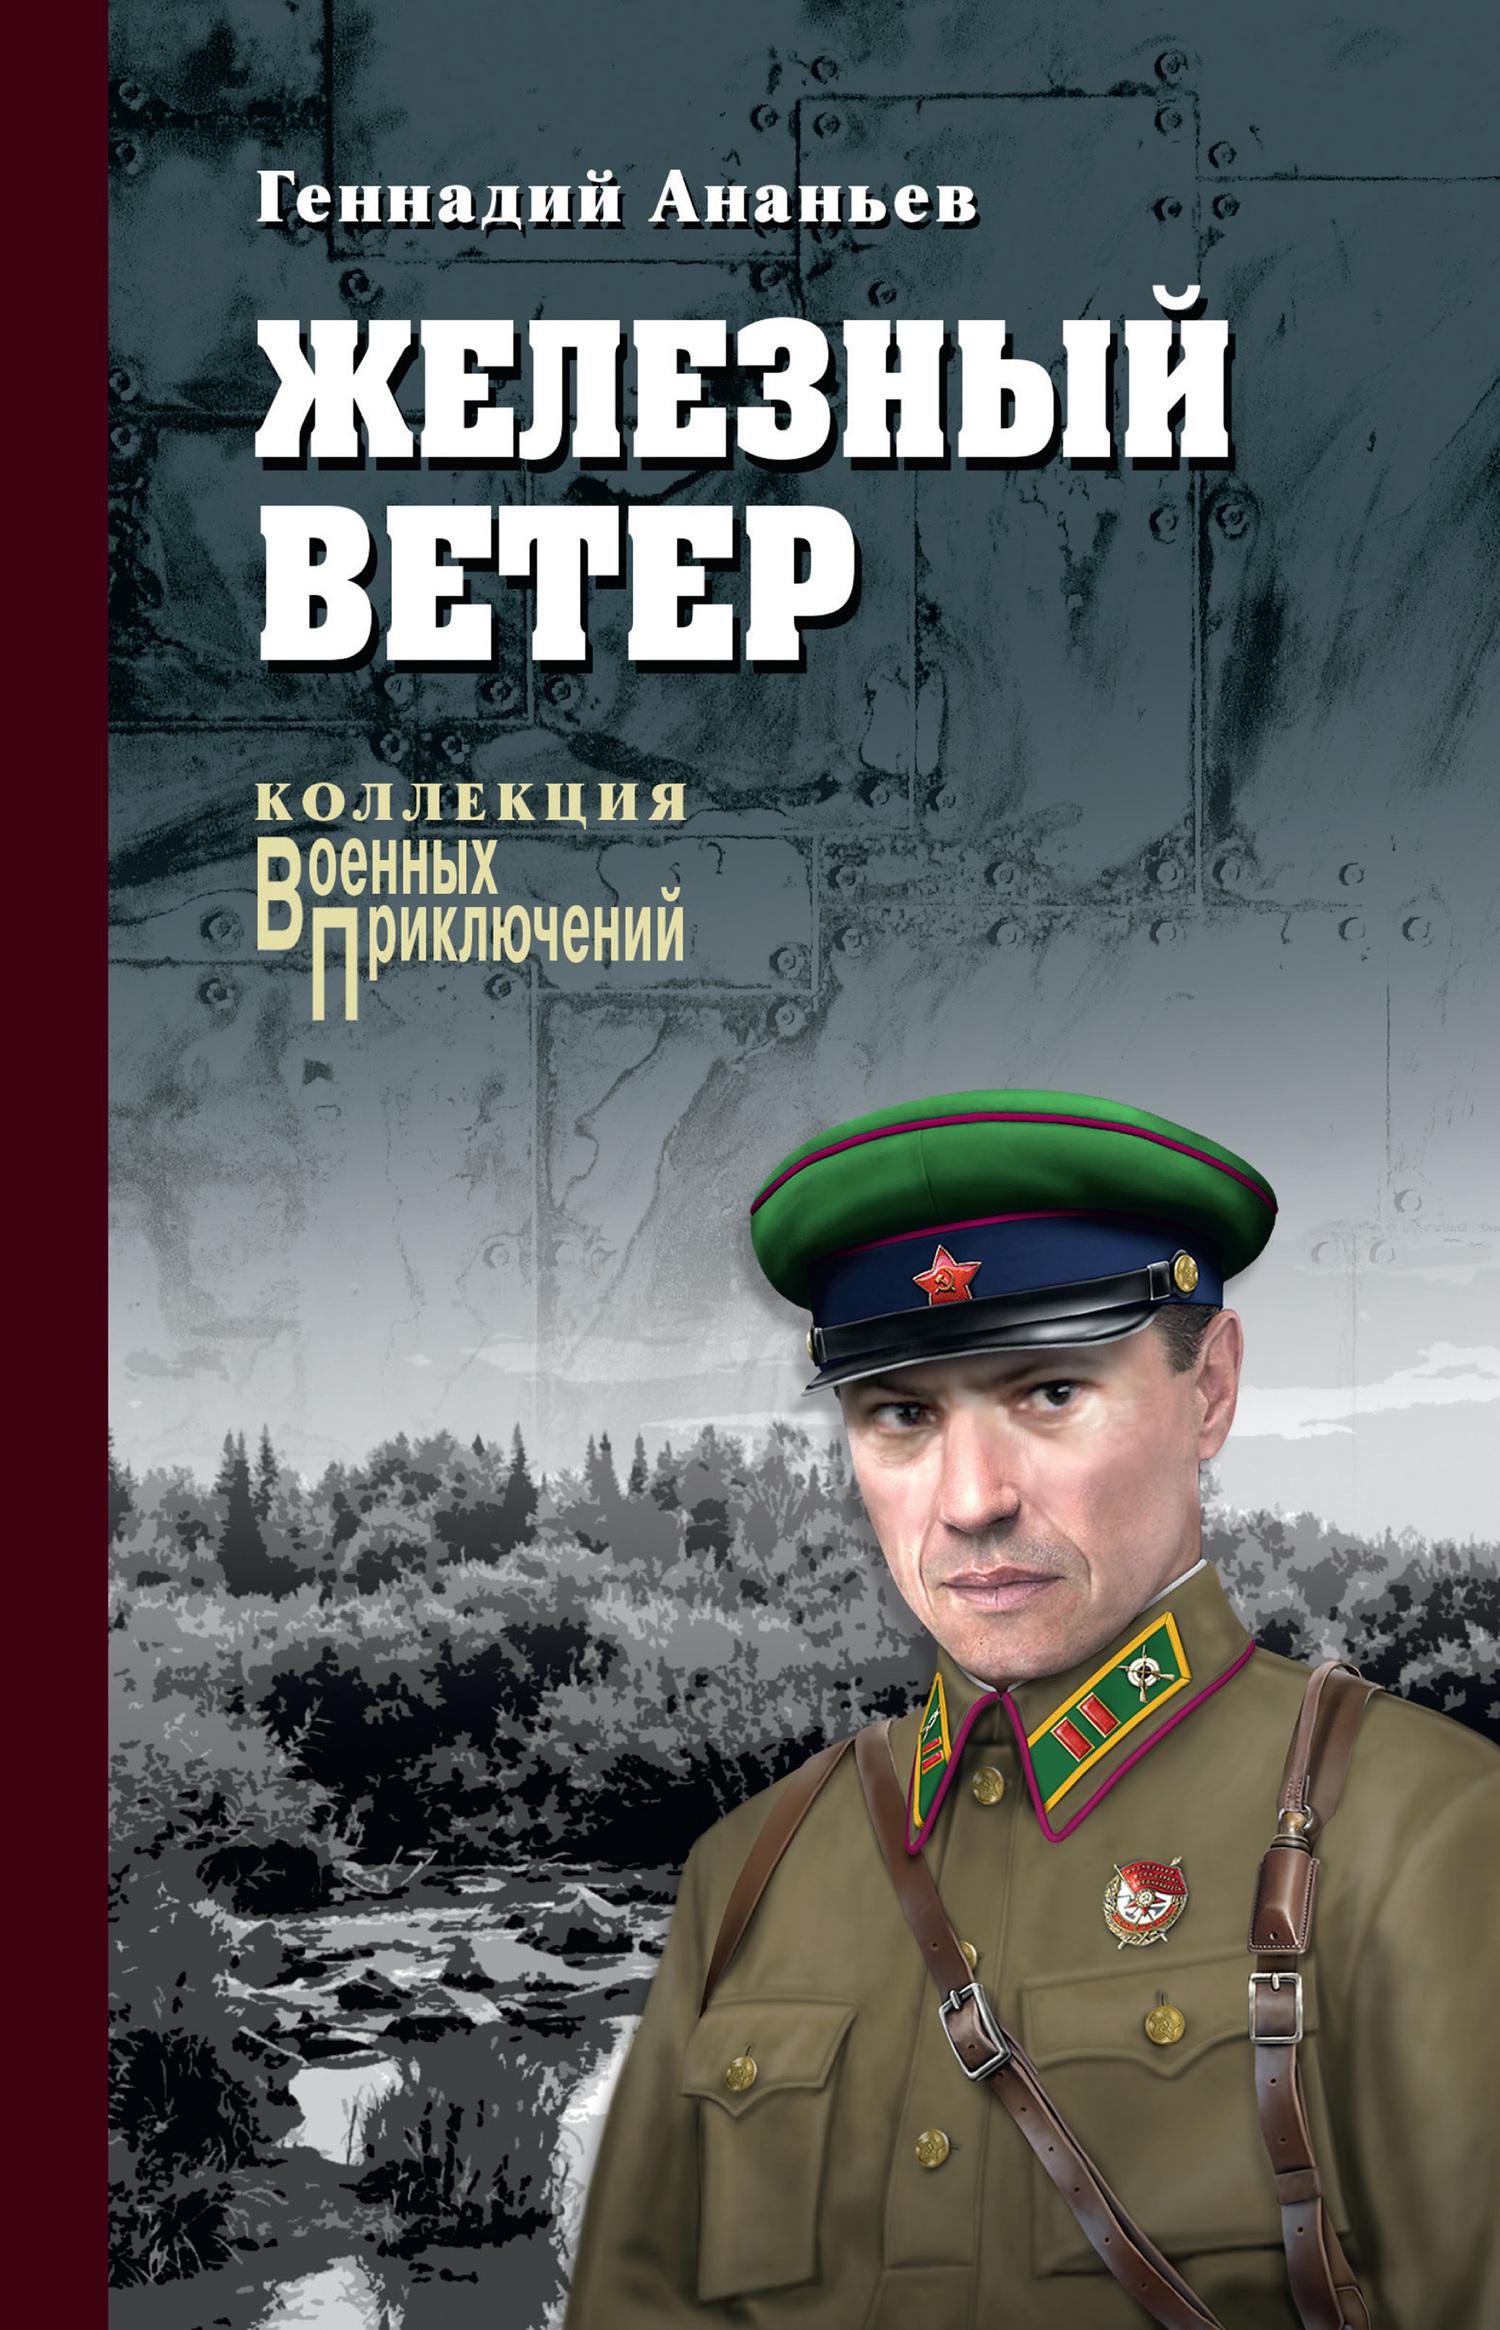 Геннадий Ананьев - Железный ветер